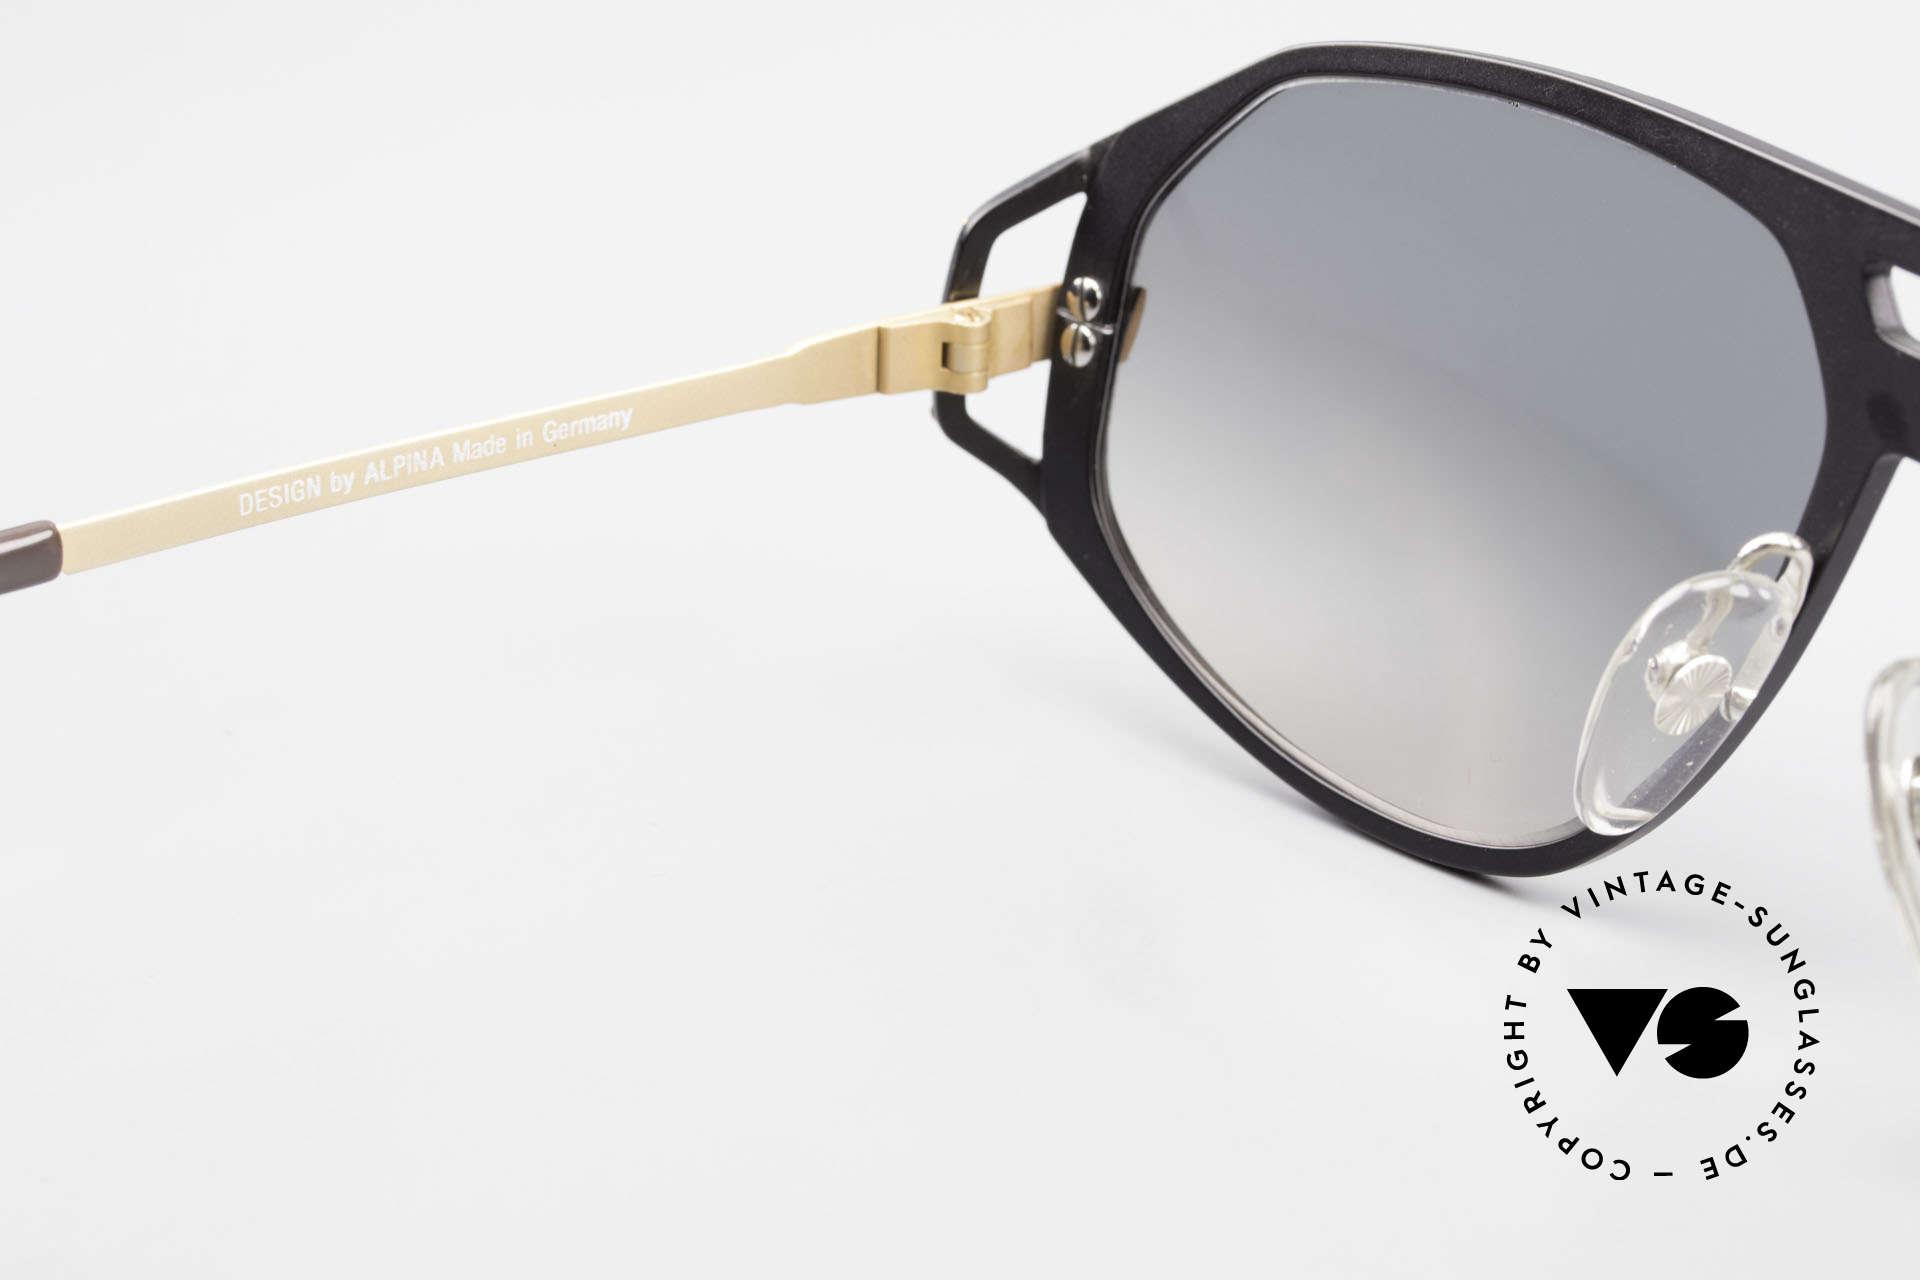 Alpina A50 Ultra Rare 1990's Sunglasses, NO RETRO fashion; but a rare old original from '91, Made for Men